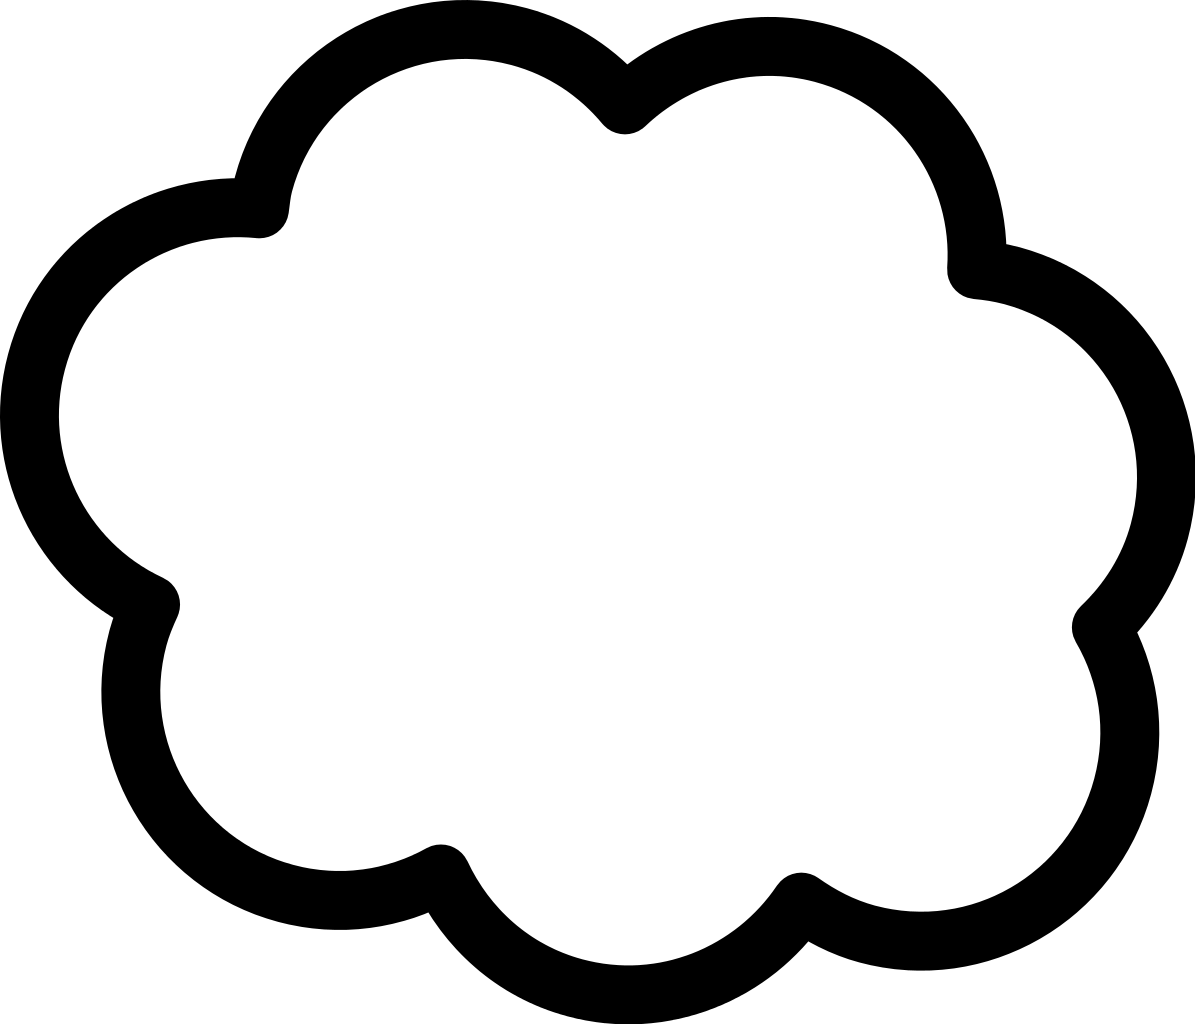 Bubble clipart shape, Picture #304559 bubble clipart shape.